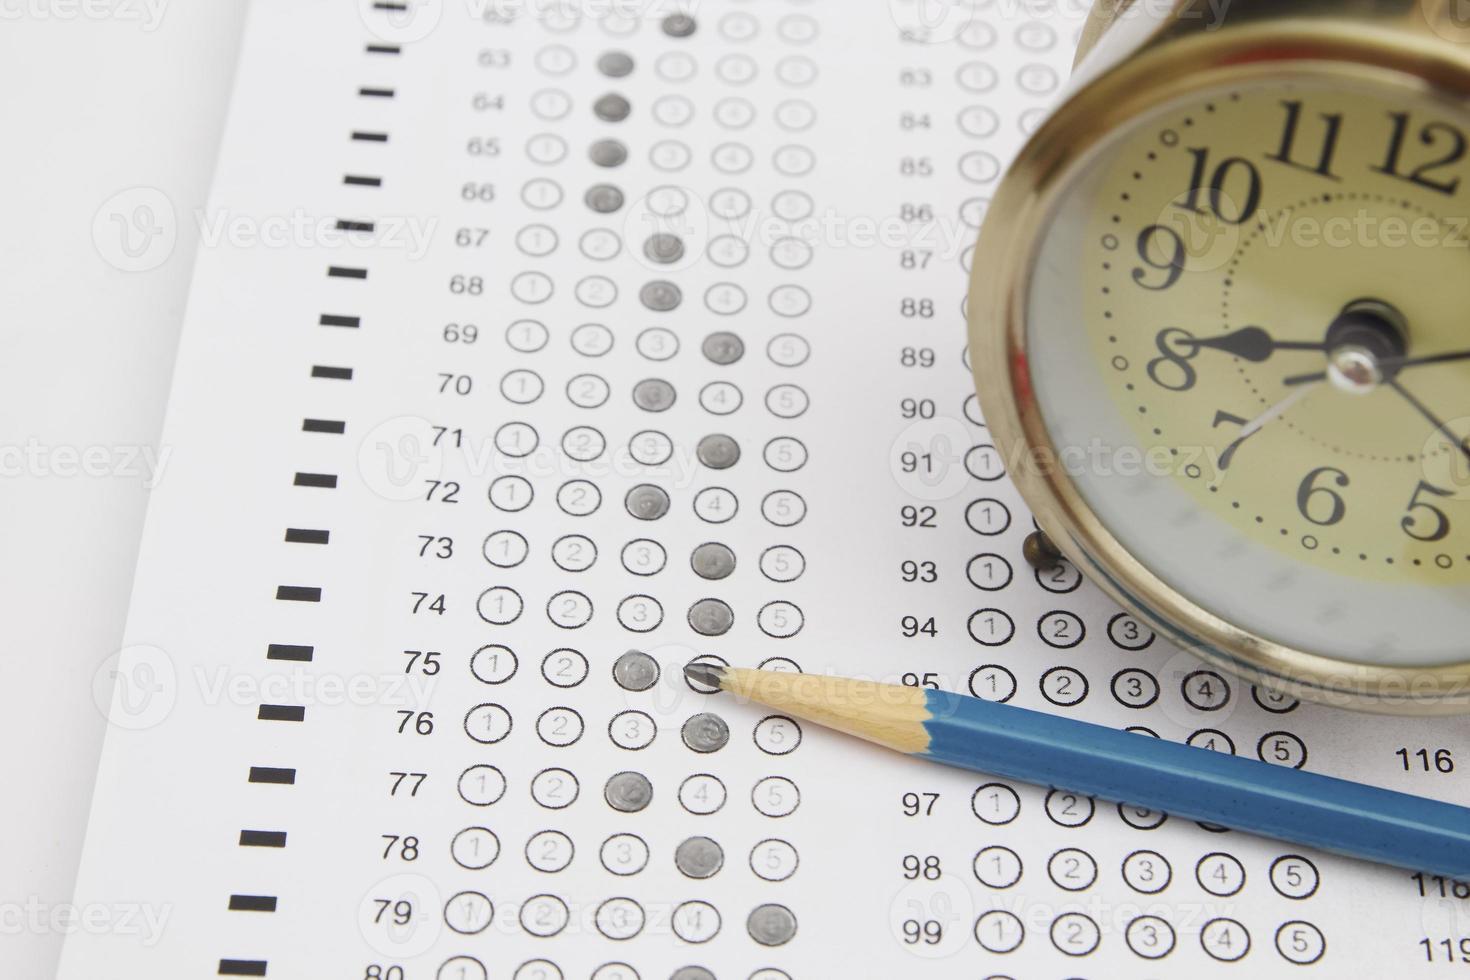 Standardized test form photo